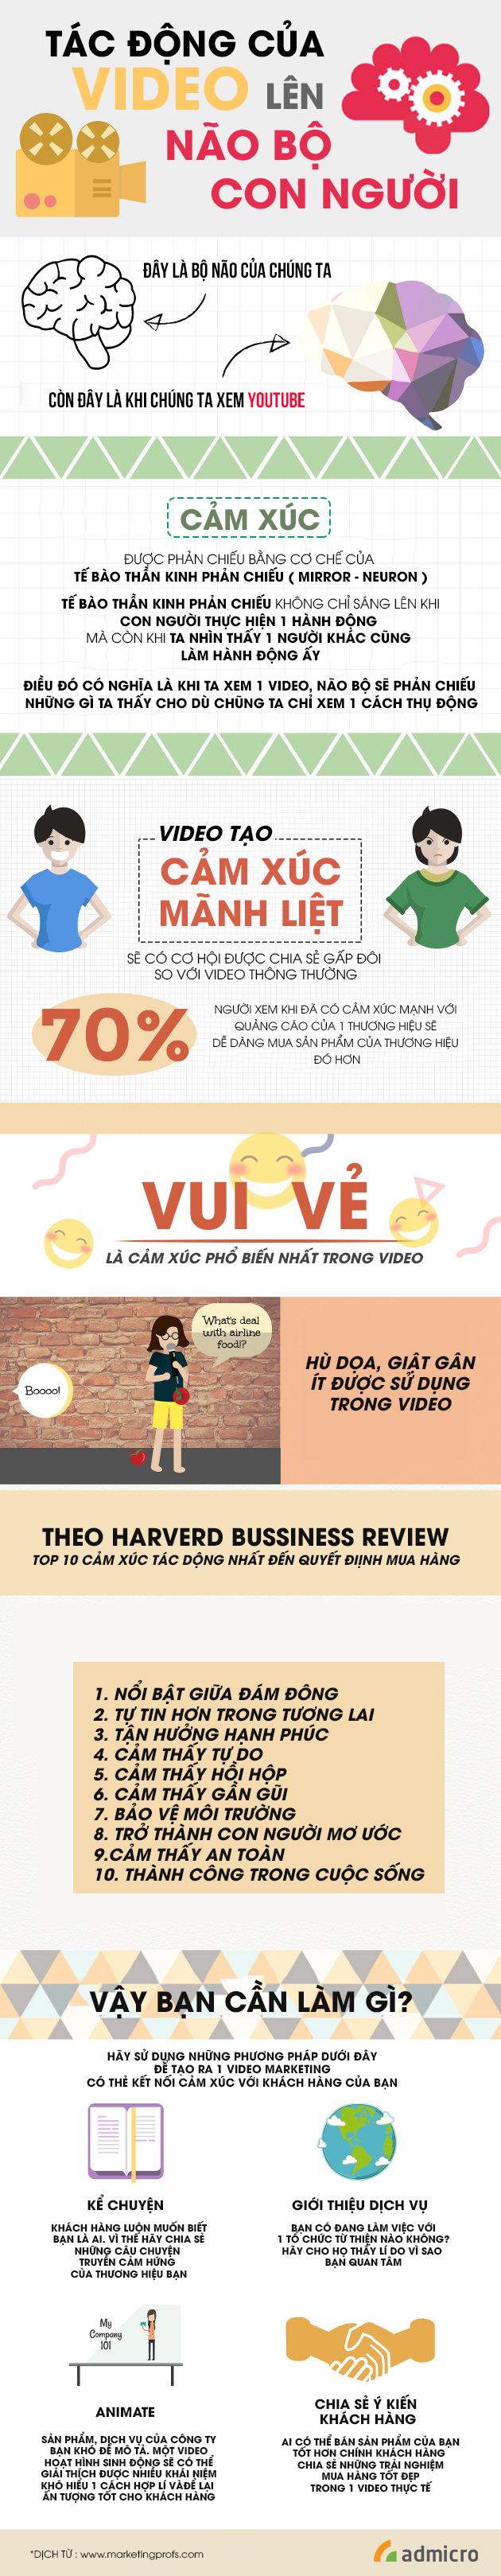 Tác động của video marketing lên não bộ con người